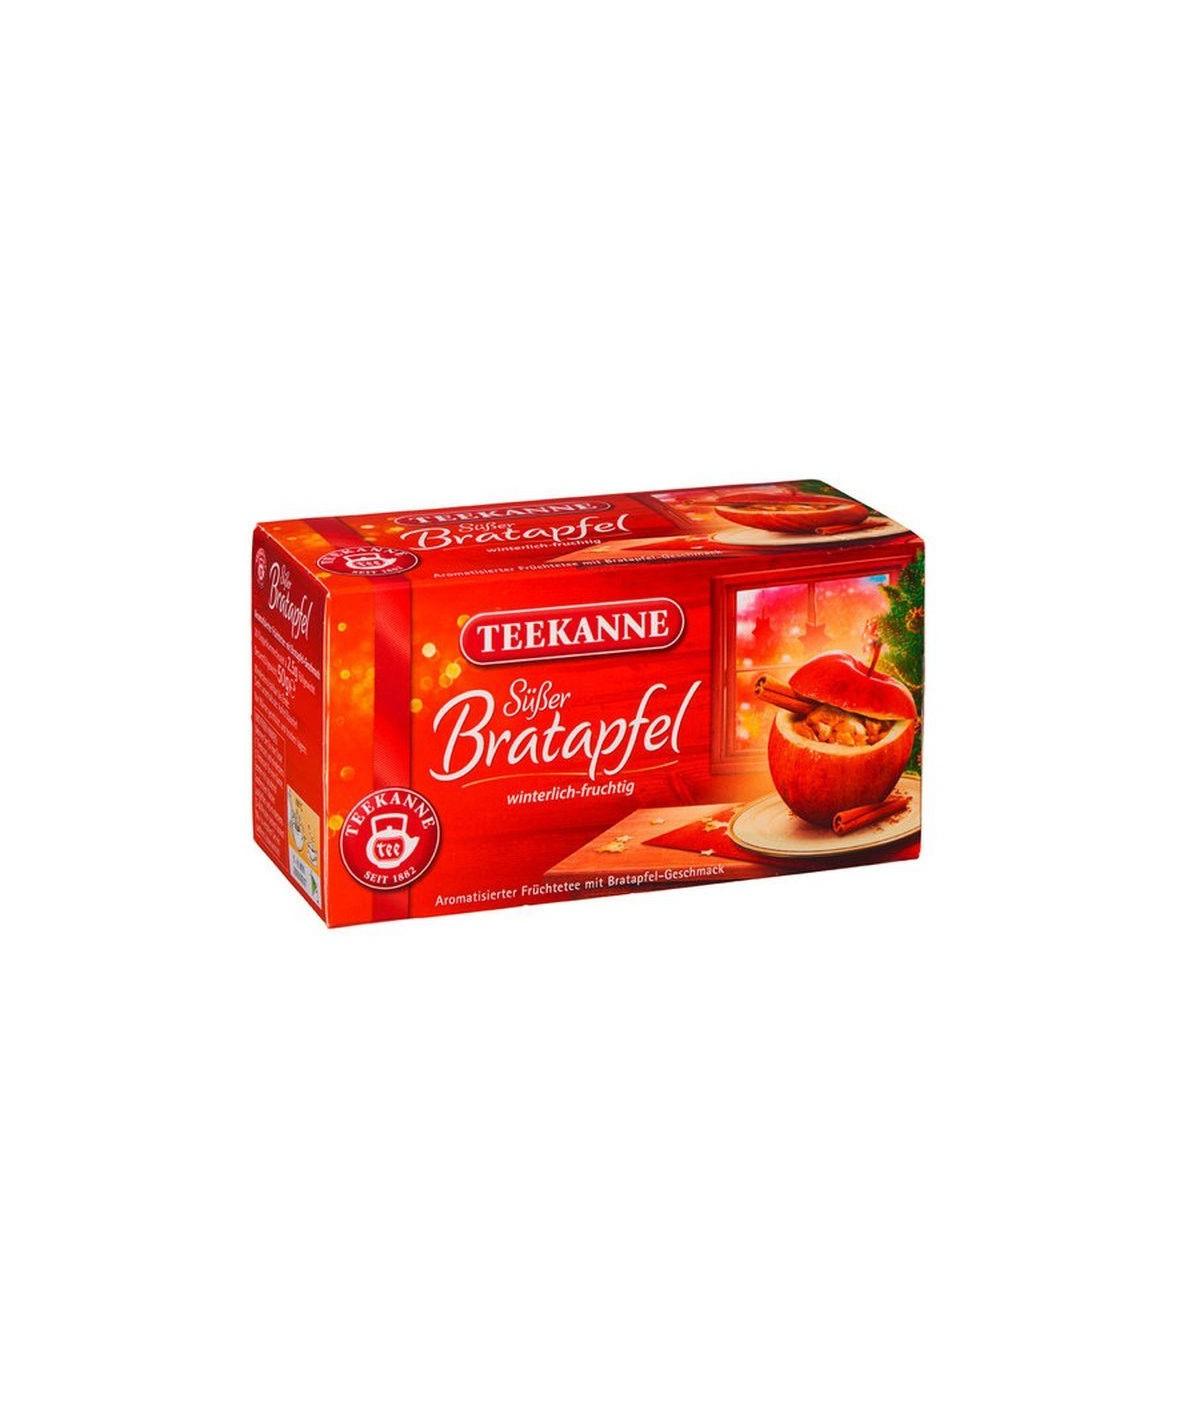 Früchtetee Süßer Bratapfel Teekanne 50g